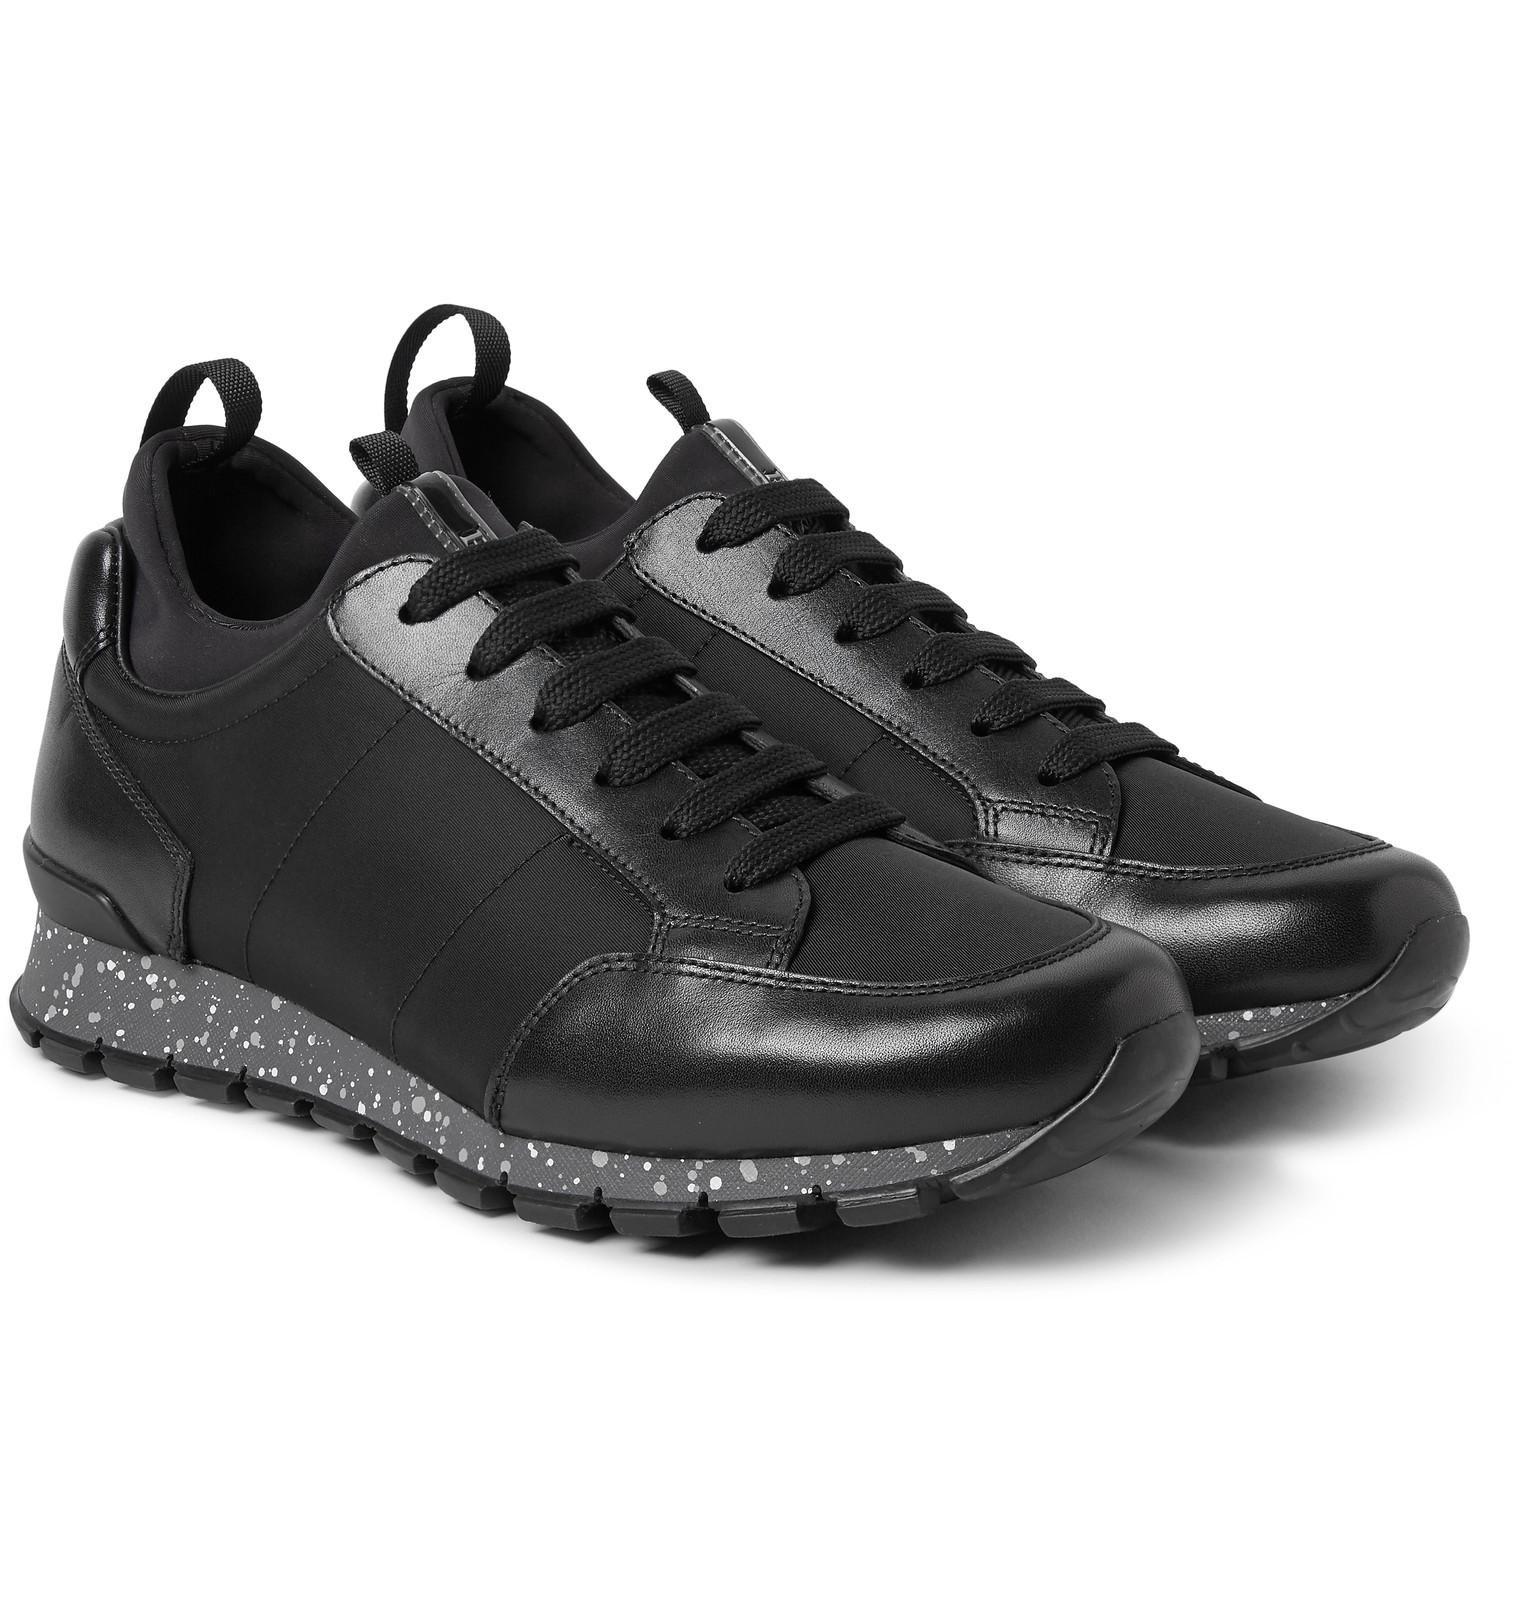 Prada Shoes Boots Mens